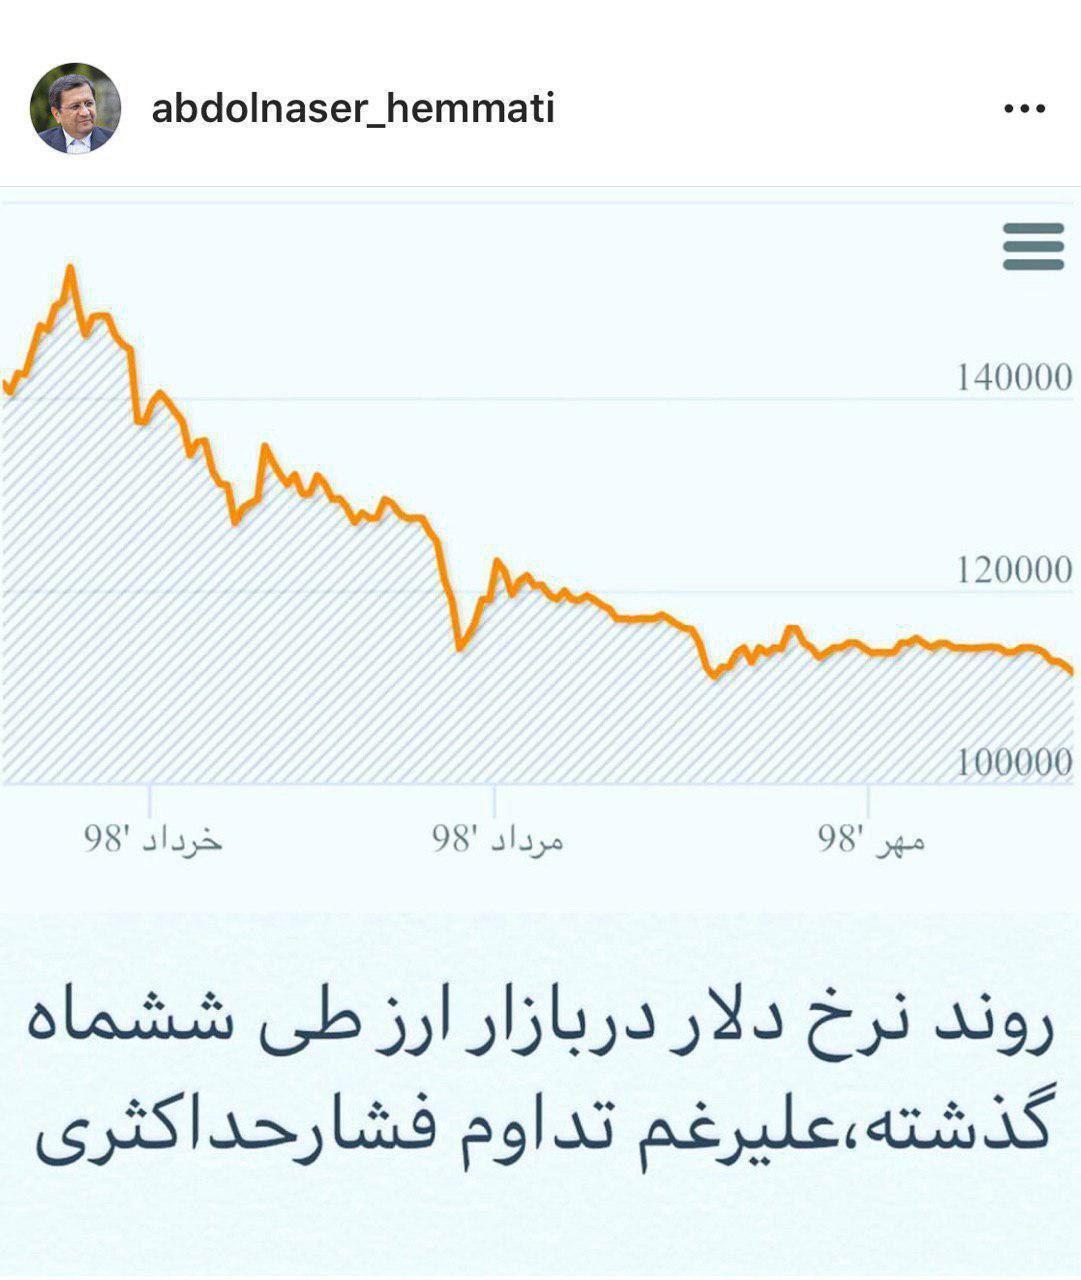 روند نرخ دلار در بازار ارز طی شش ماه گذشته علی رغم تداوم فشار حداکثری